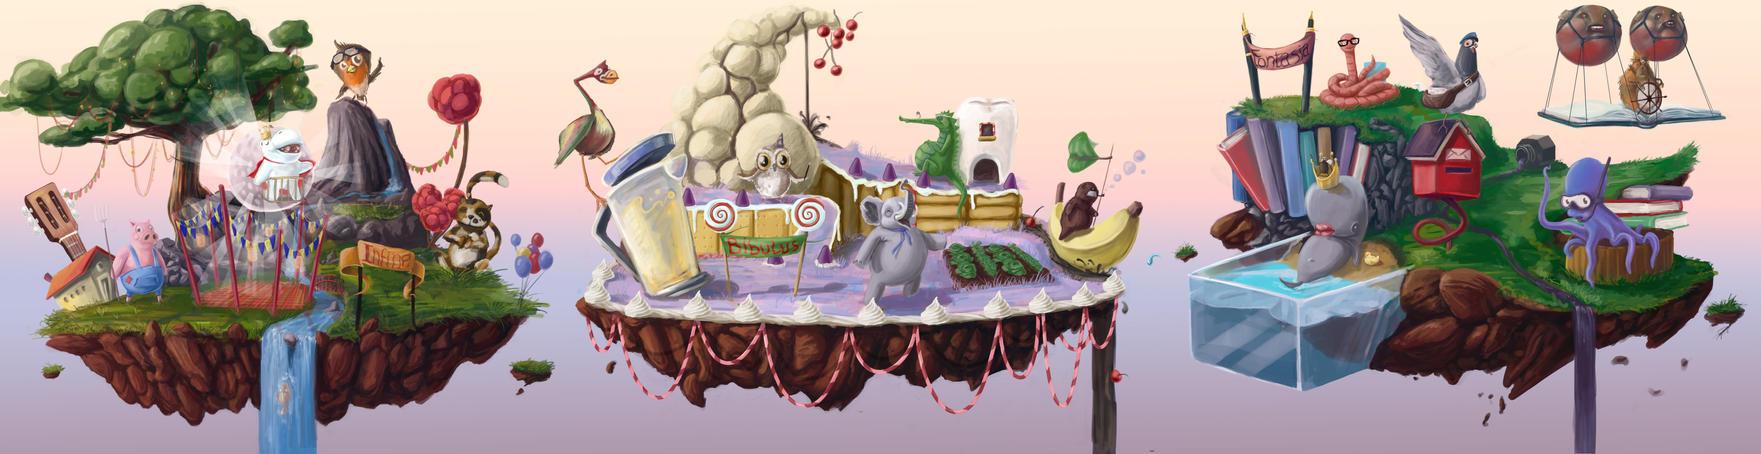 Fairy Tale Isles by Breaky